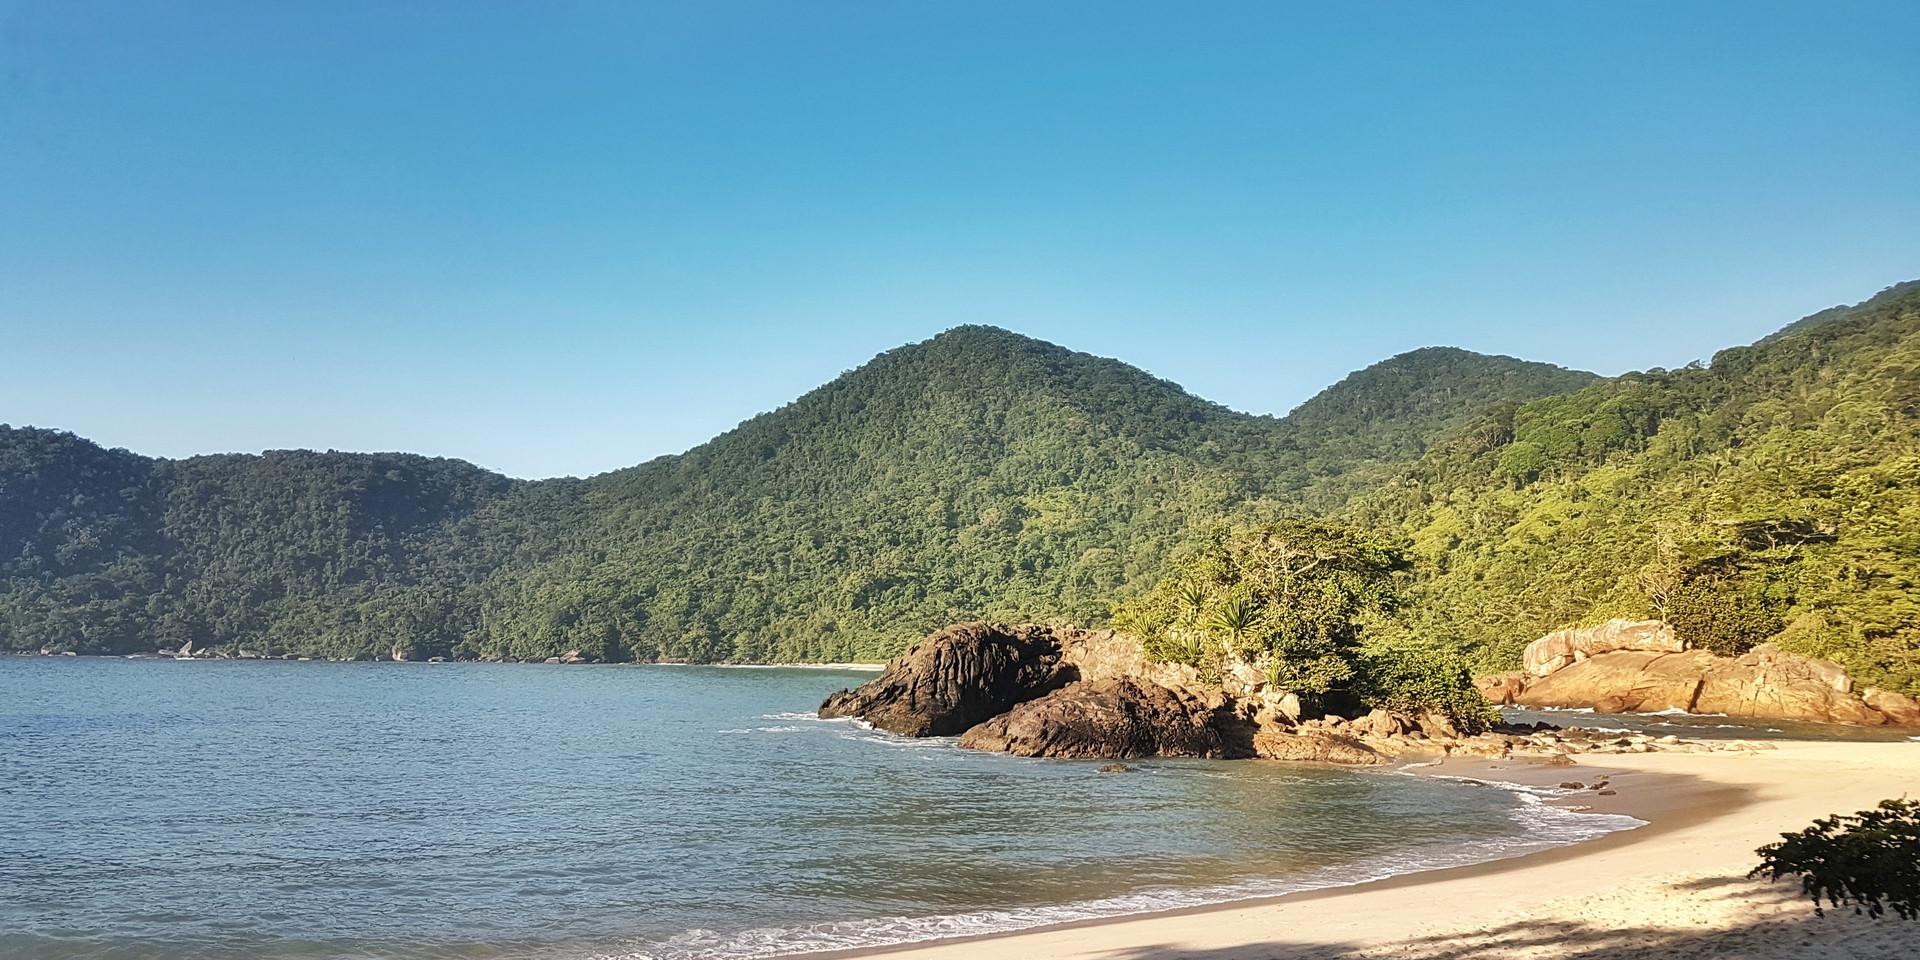 Amanhecer na Praia do Meio.